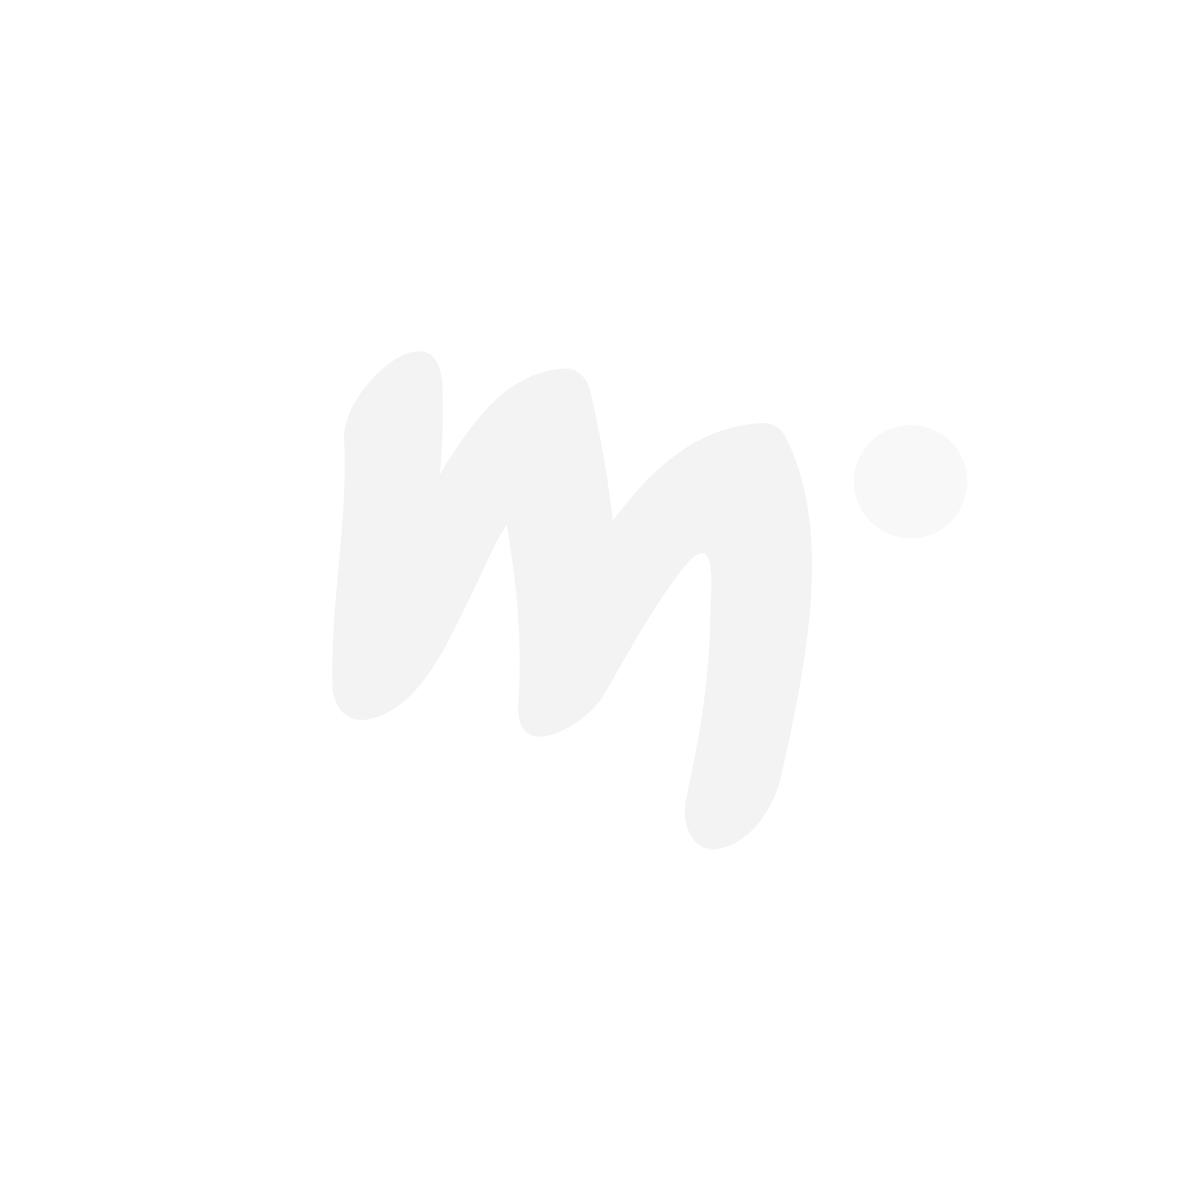 Muumi Moominvalley Sketch-teepurkki